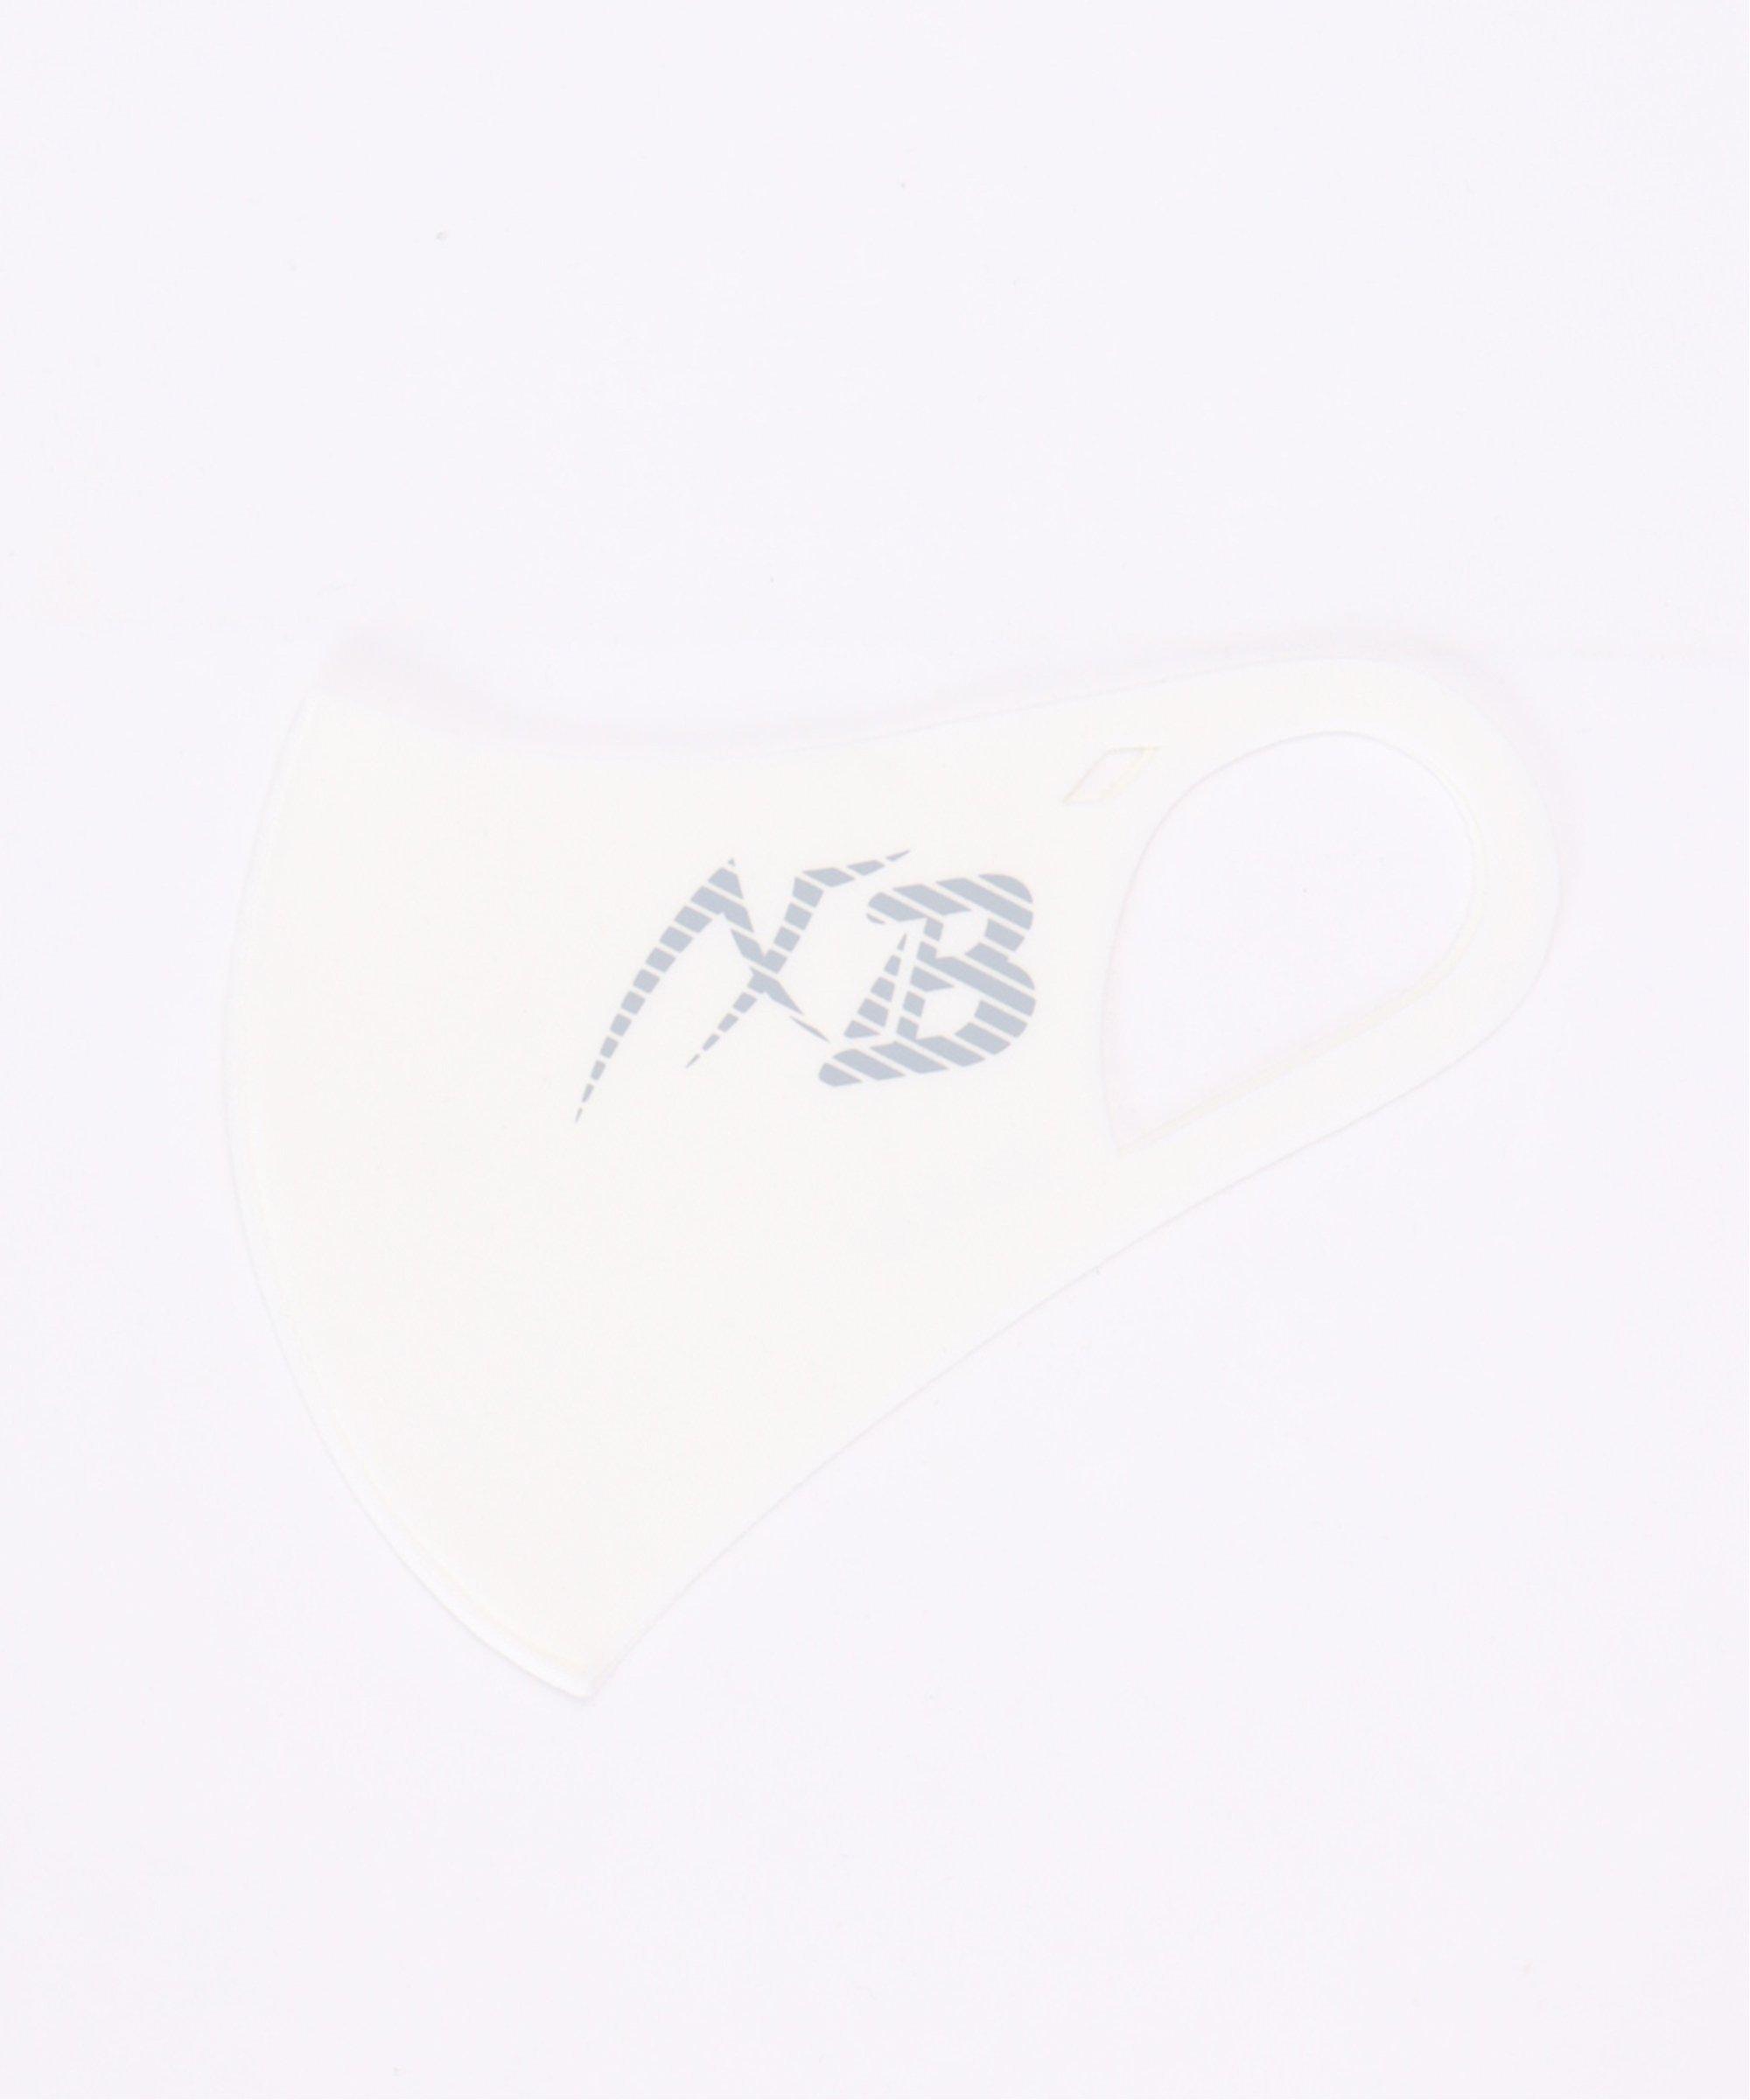 【おとな用】AXF マスク ムジ ビッXBロゴ ホワイト